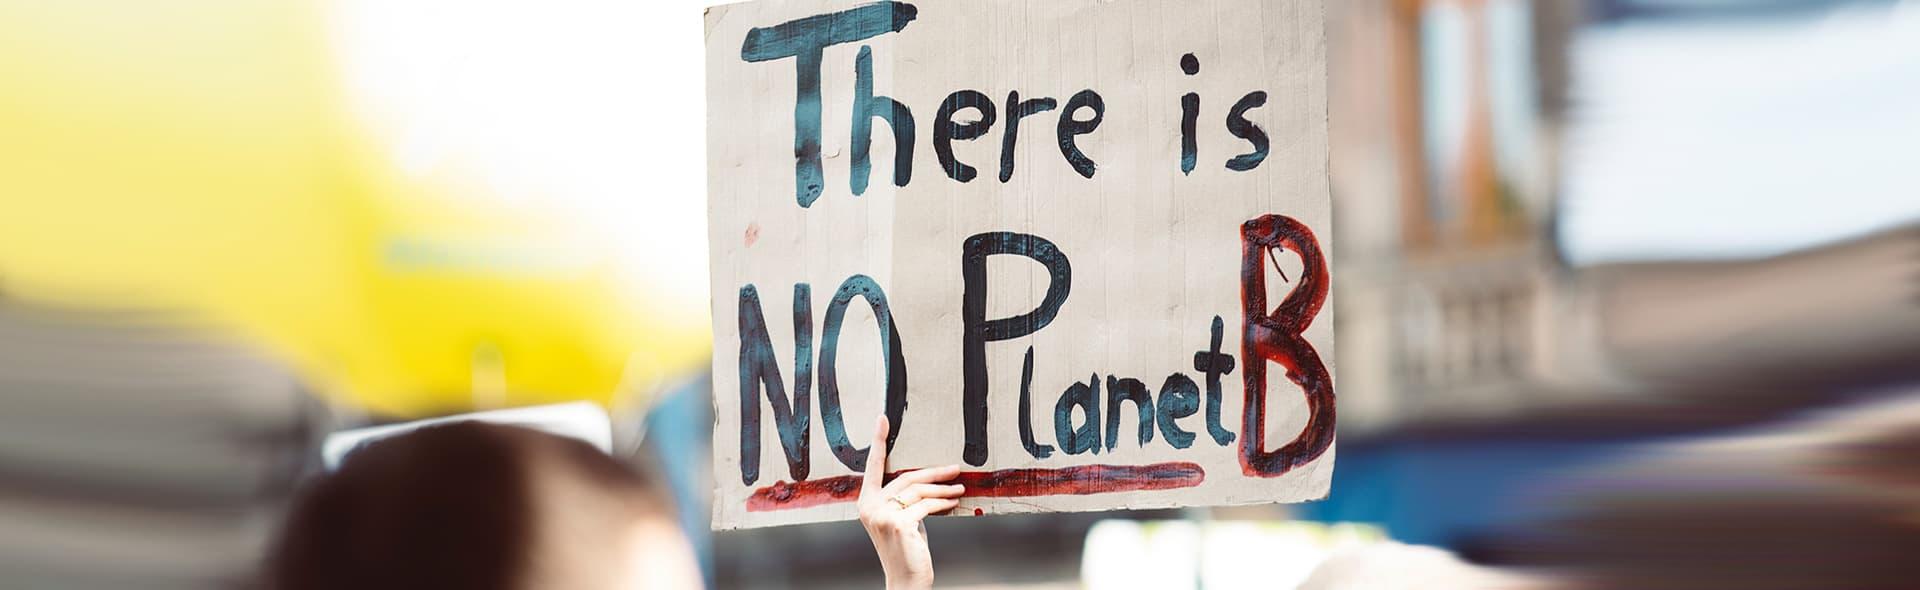 Klimaschutz und Nachhaltigkeit sind auch kommunale Themen